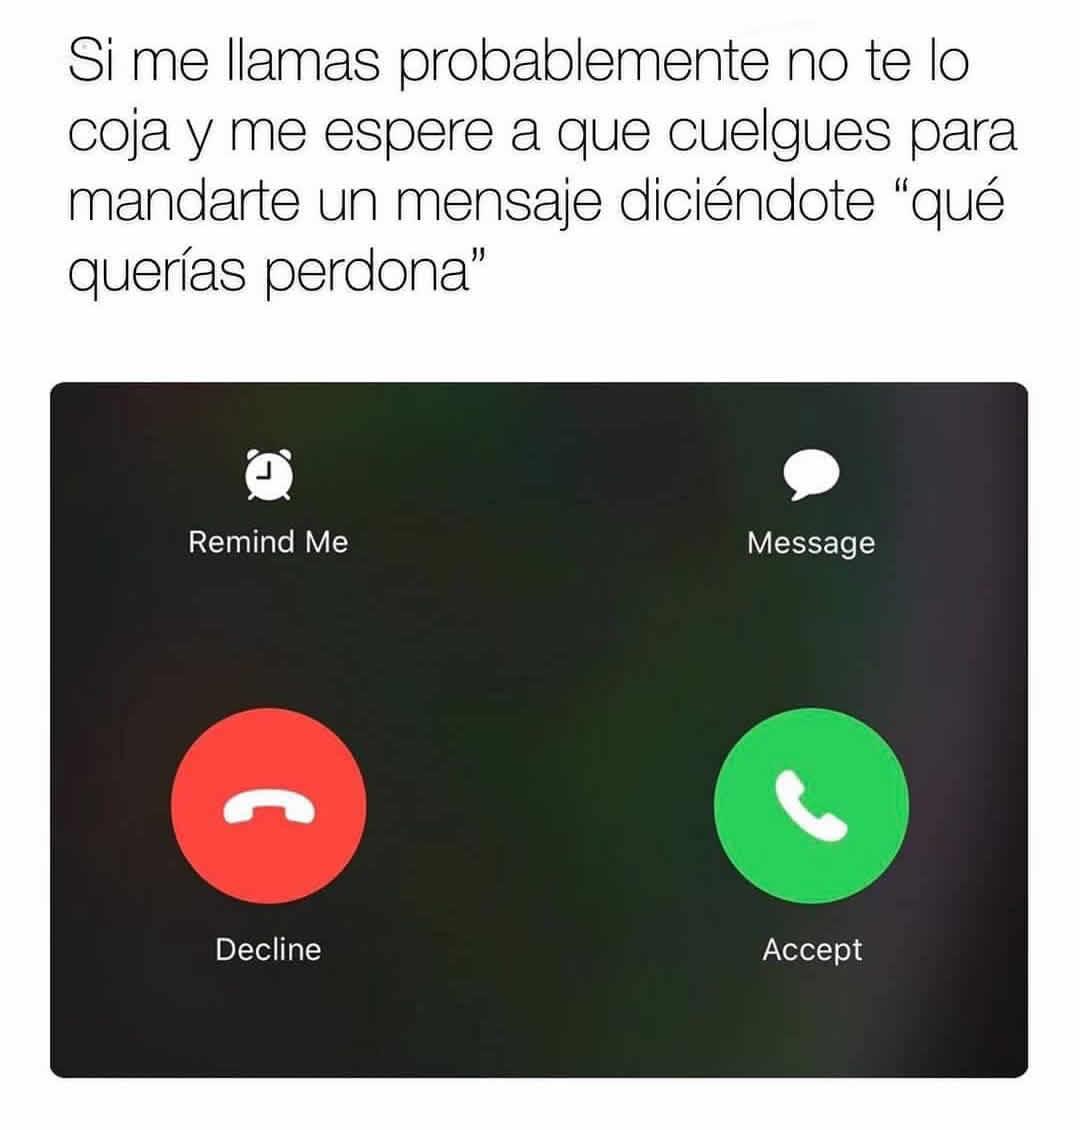 """Si me llamas probablemente no te lo coja y me espere a que cuelgues para mandarte un mensaje diciéndote """"qué querías perdona""""."""